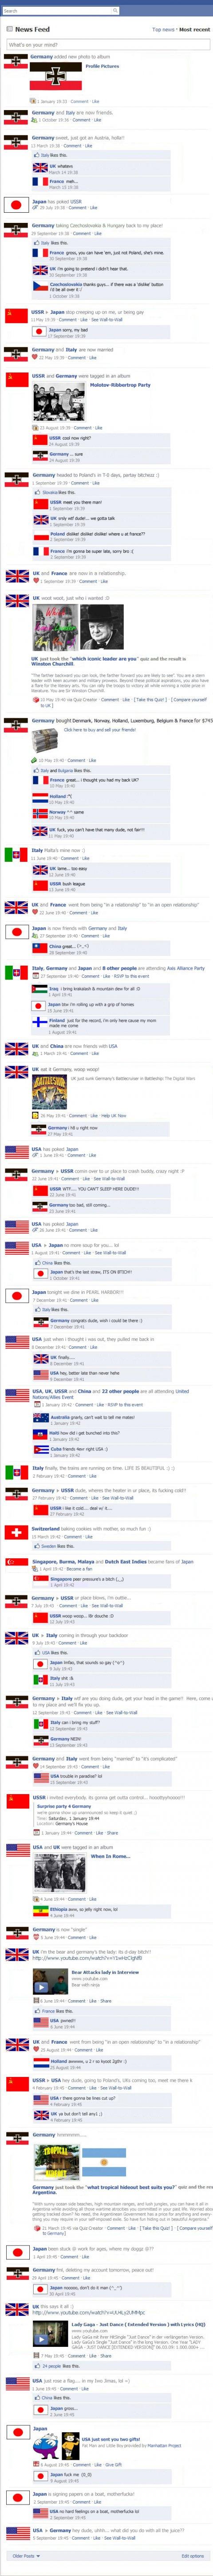 seconde guerre mondiale expliquee facebook